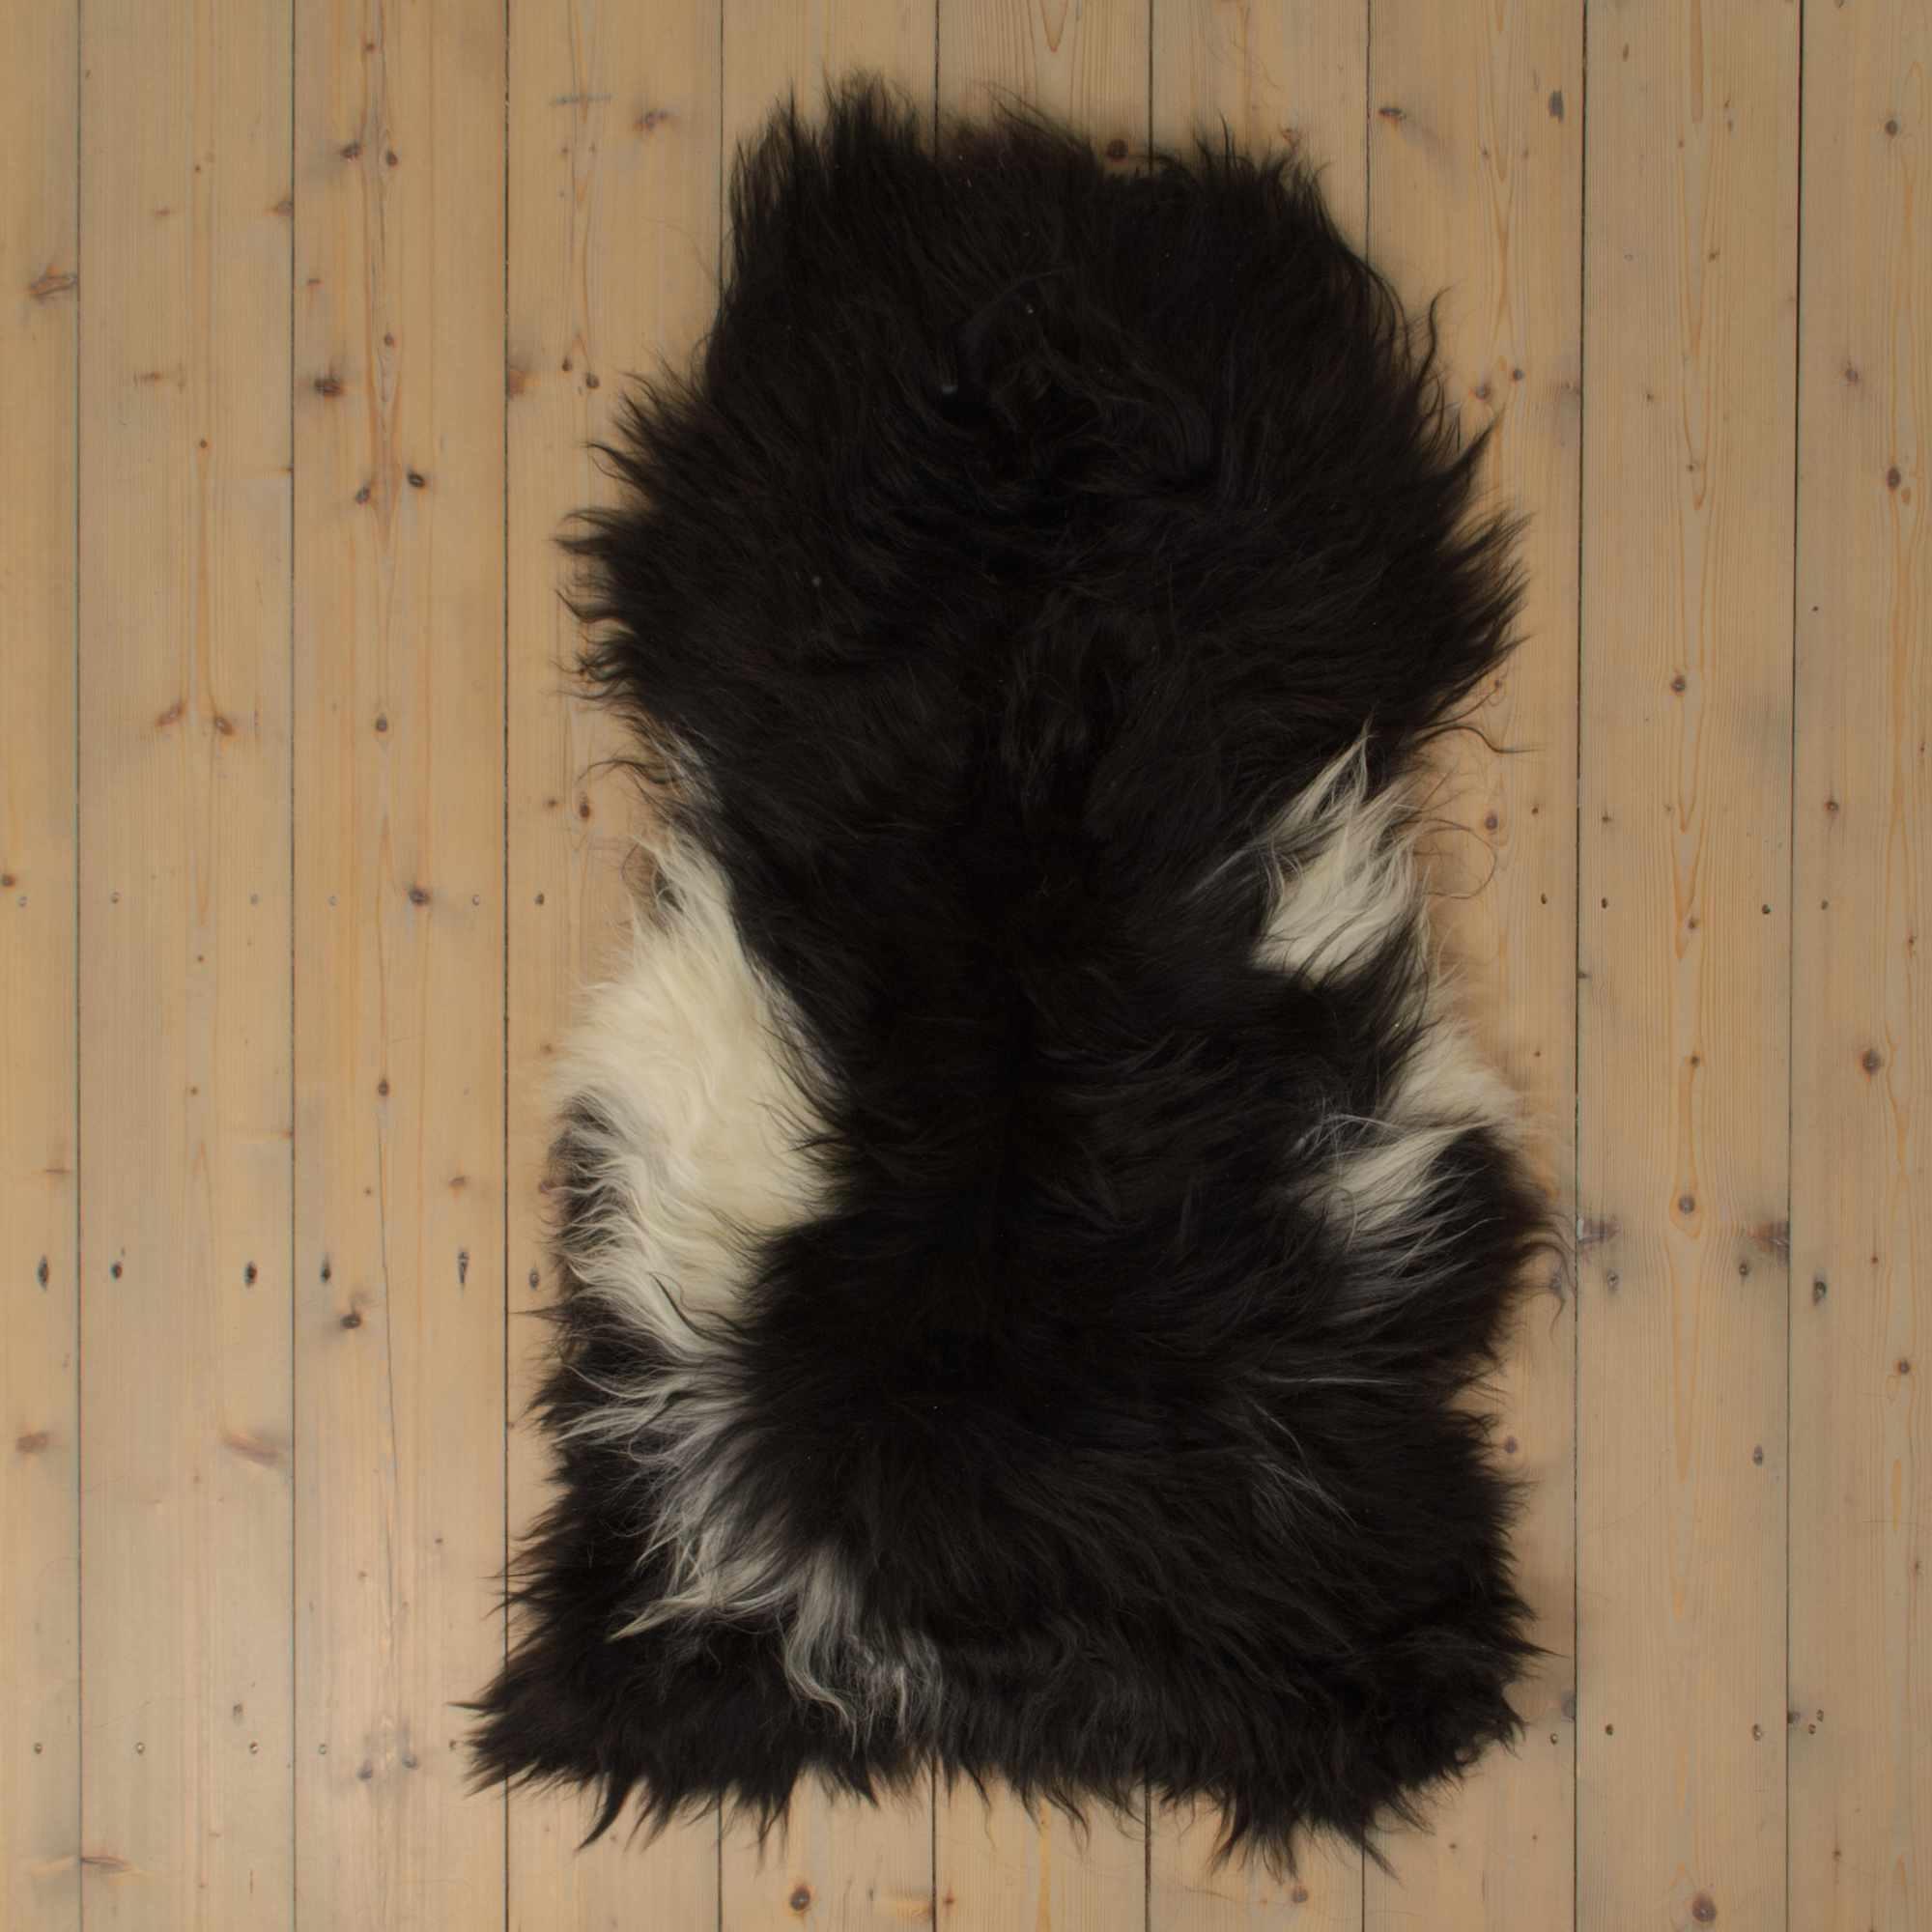 testVan Buren Uniek Gefotografeerd Schapenvacht SV-010 - IJslands - Bont - ca. 120x60 cm